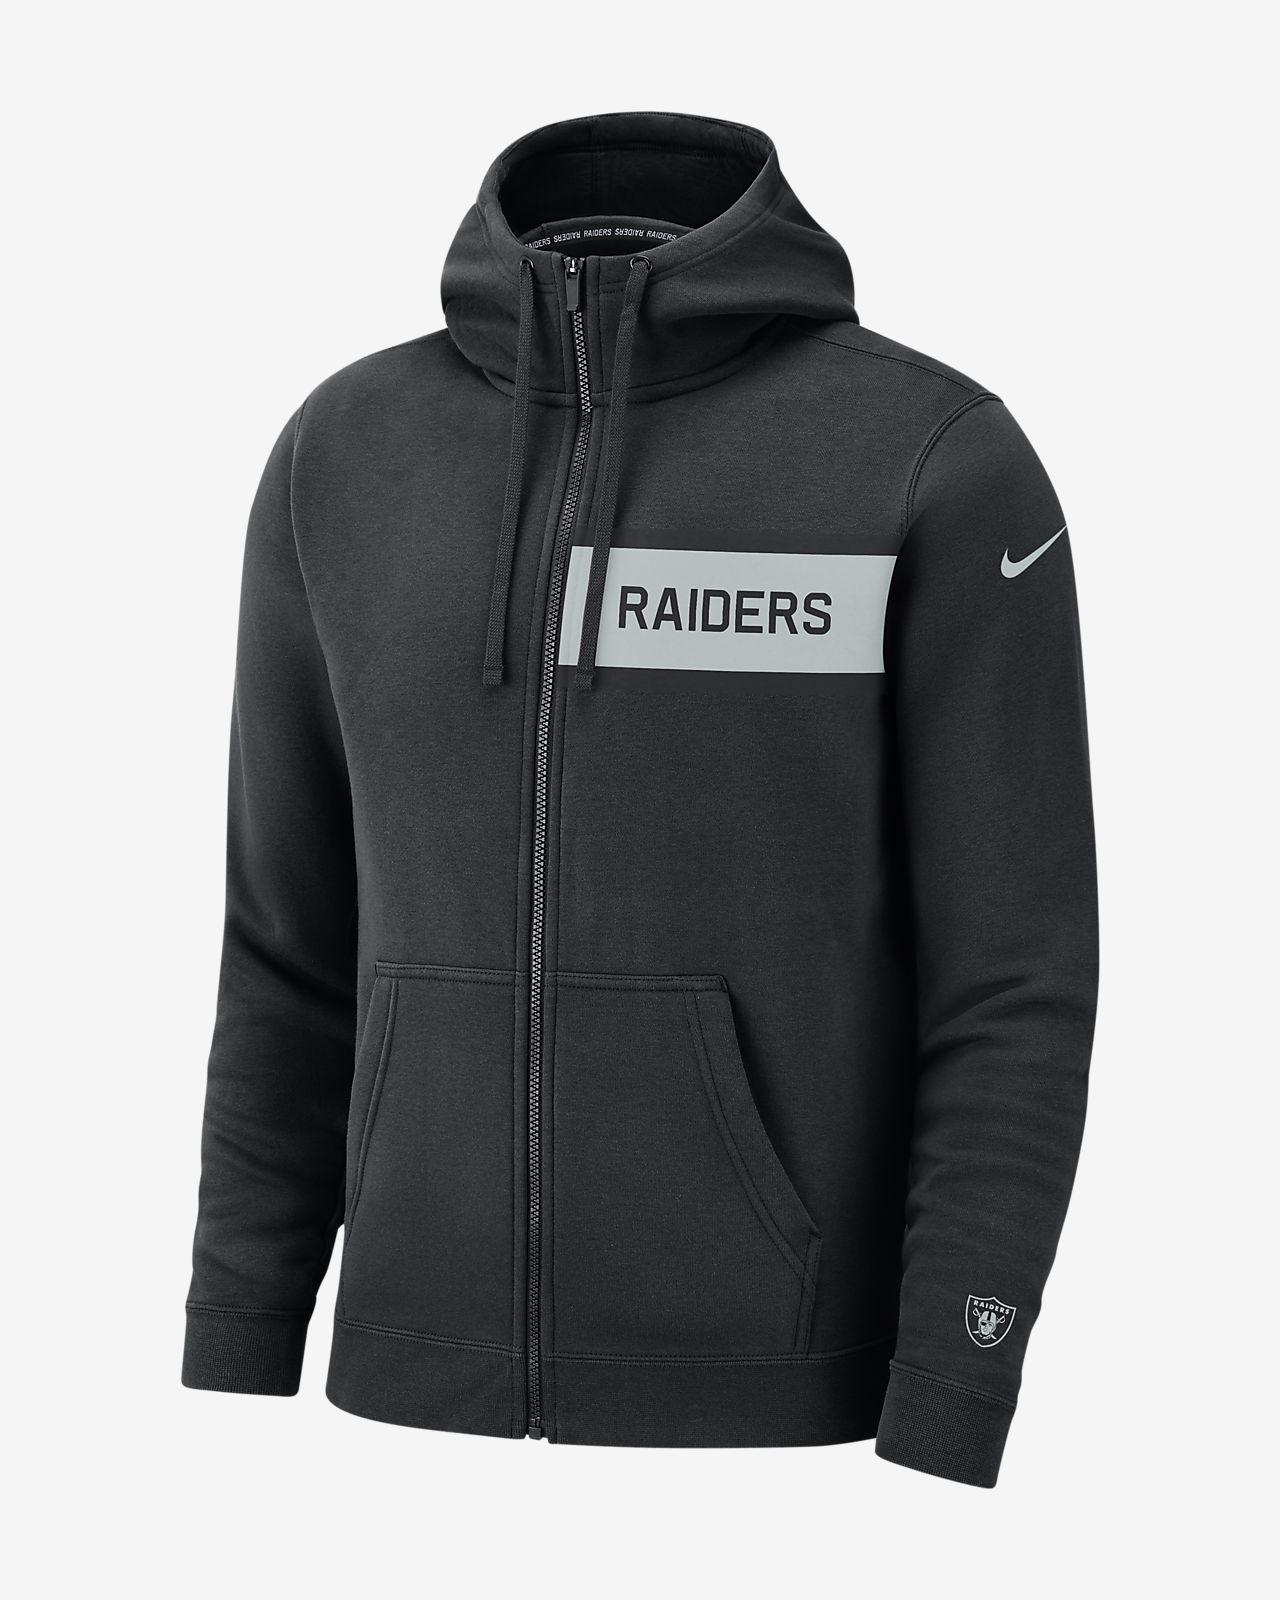 Nike (NFL Raiders) Men's Club Fleece Full-Zip Hoodie